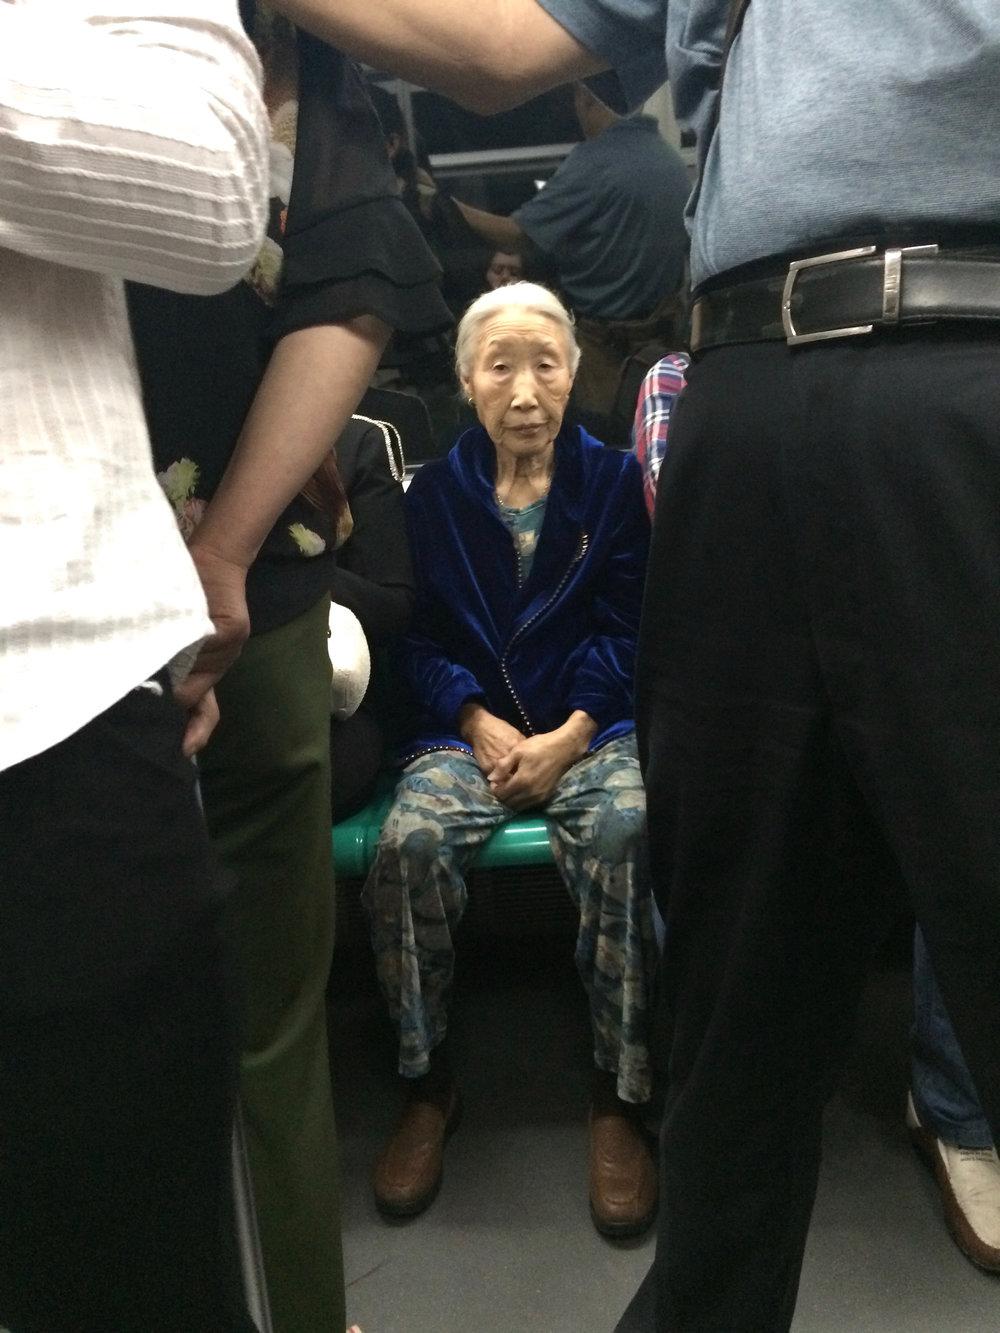 MJK subway stranger.jpg